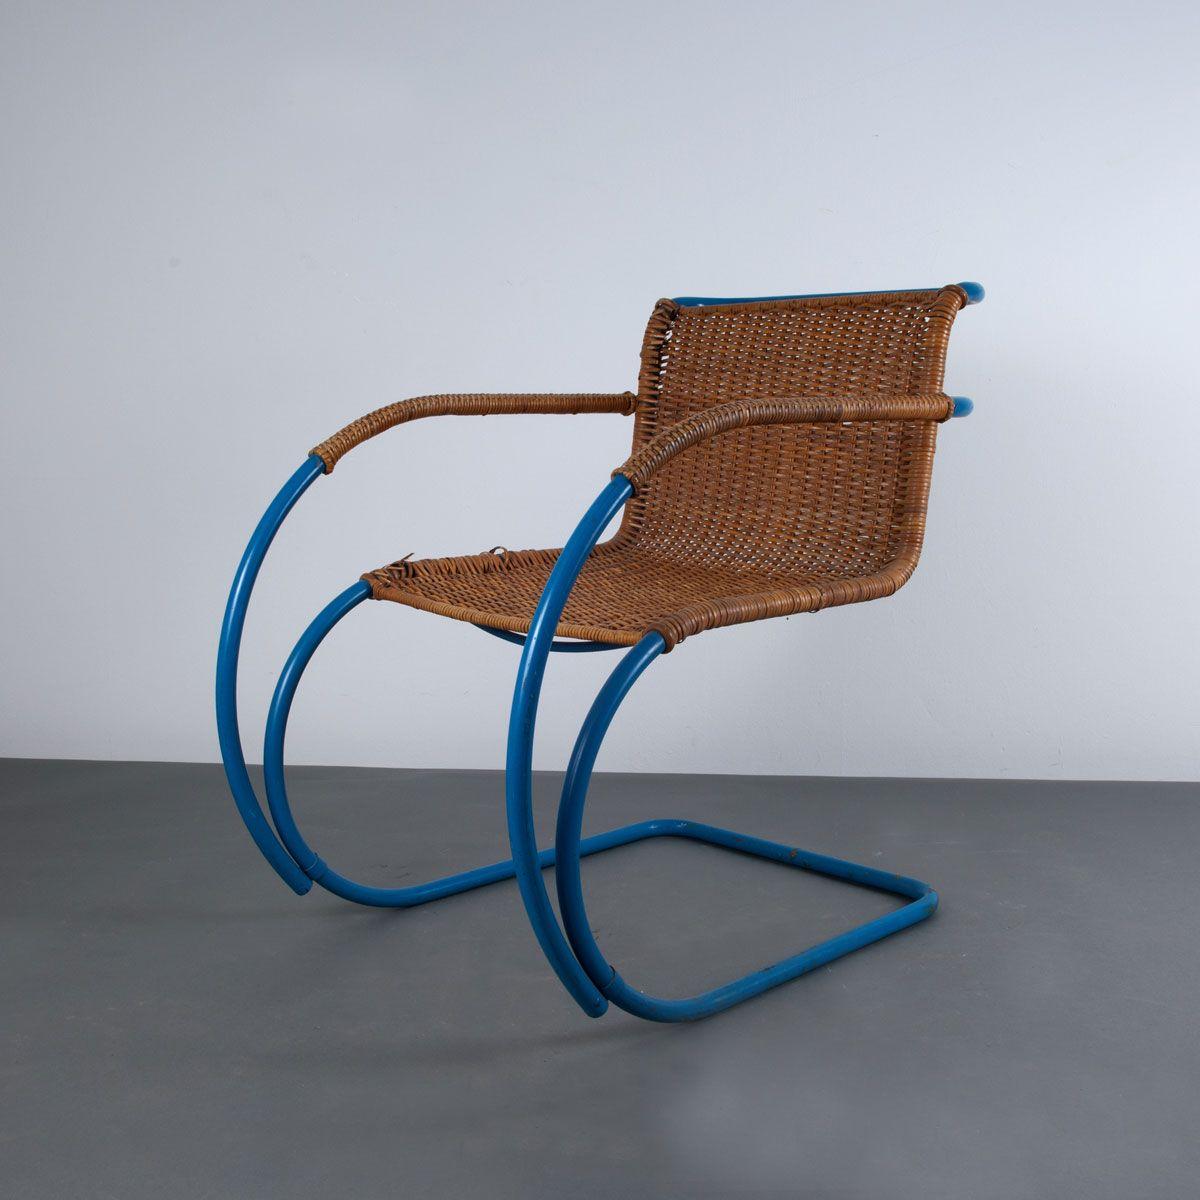 Ludwig Mies van der Rohe; Enameled Tubular Steel and Wicker 'Weissenhof - MR 20' Armchair for Berliner Metallgewerbe Joseph Müller, c1927.